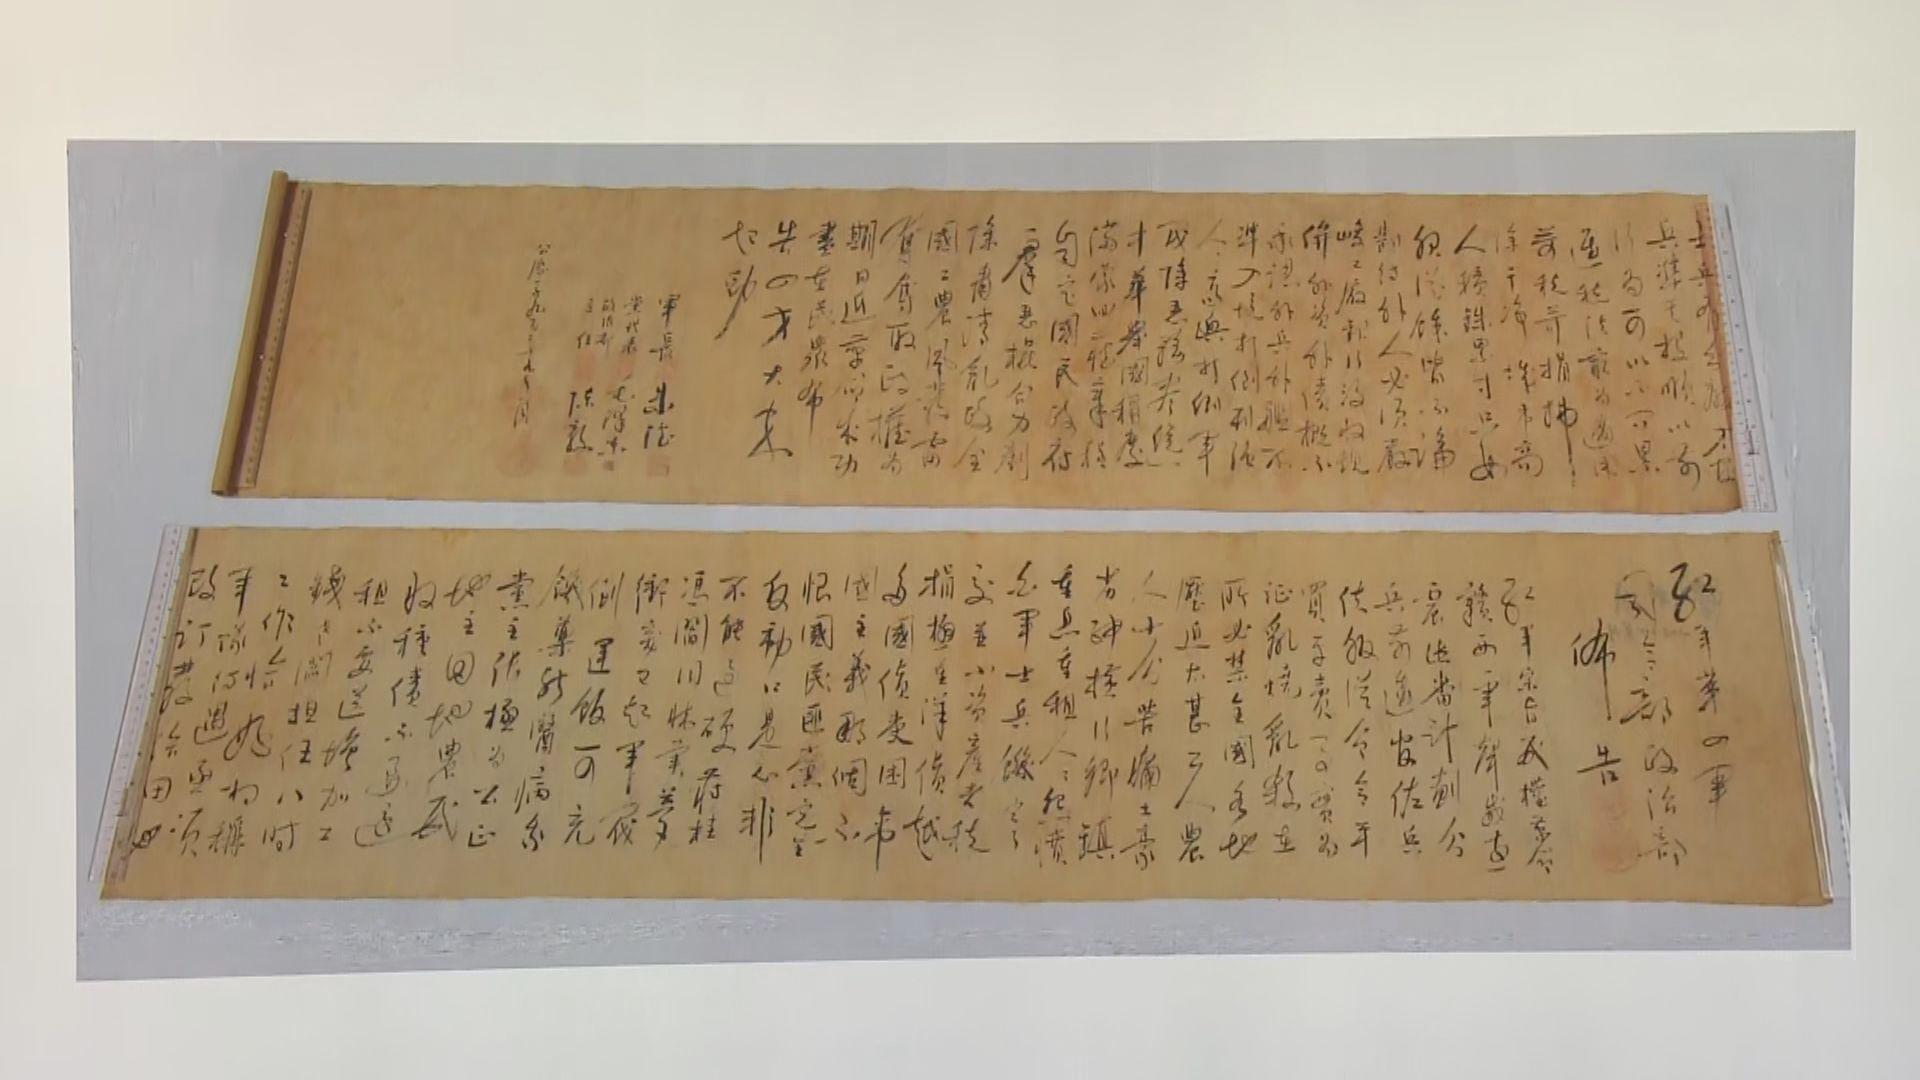 數十億元藏品被竊案 毛澤東親筆書法被剪成兩半